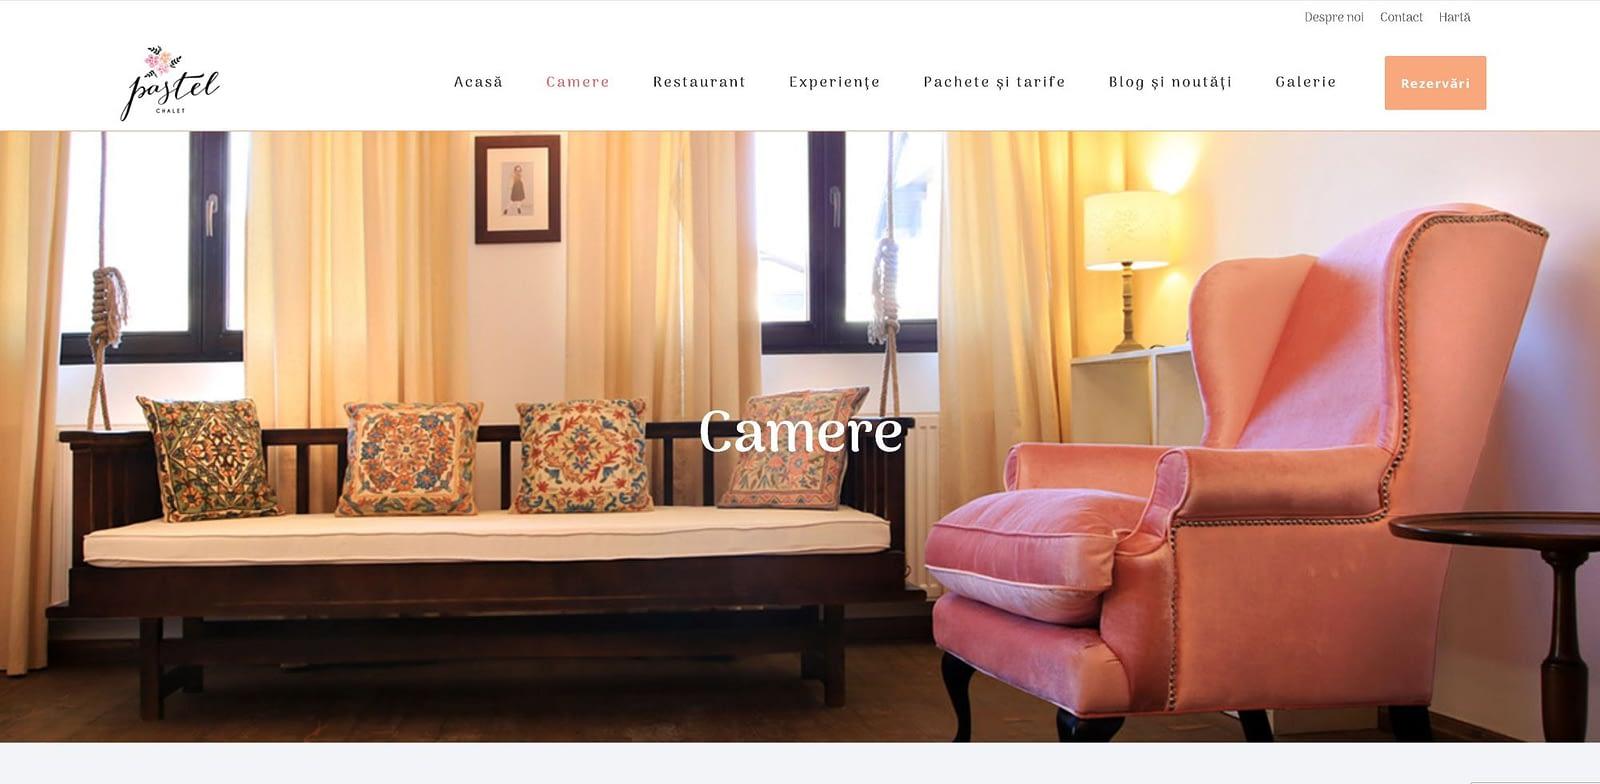 Pastel Chalet, realizare site web, web design, design, website, Toud